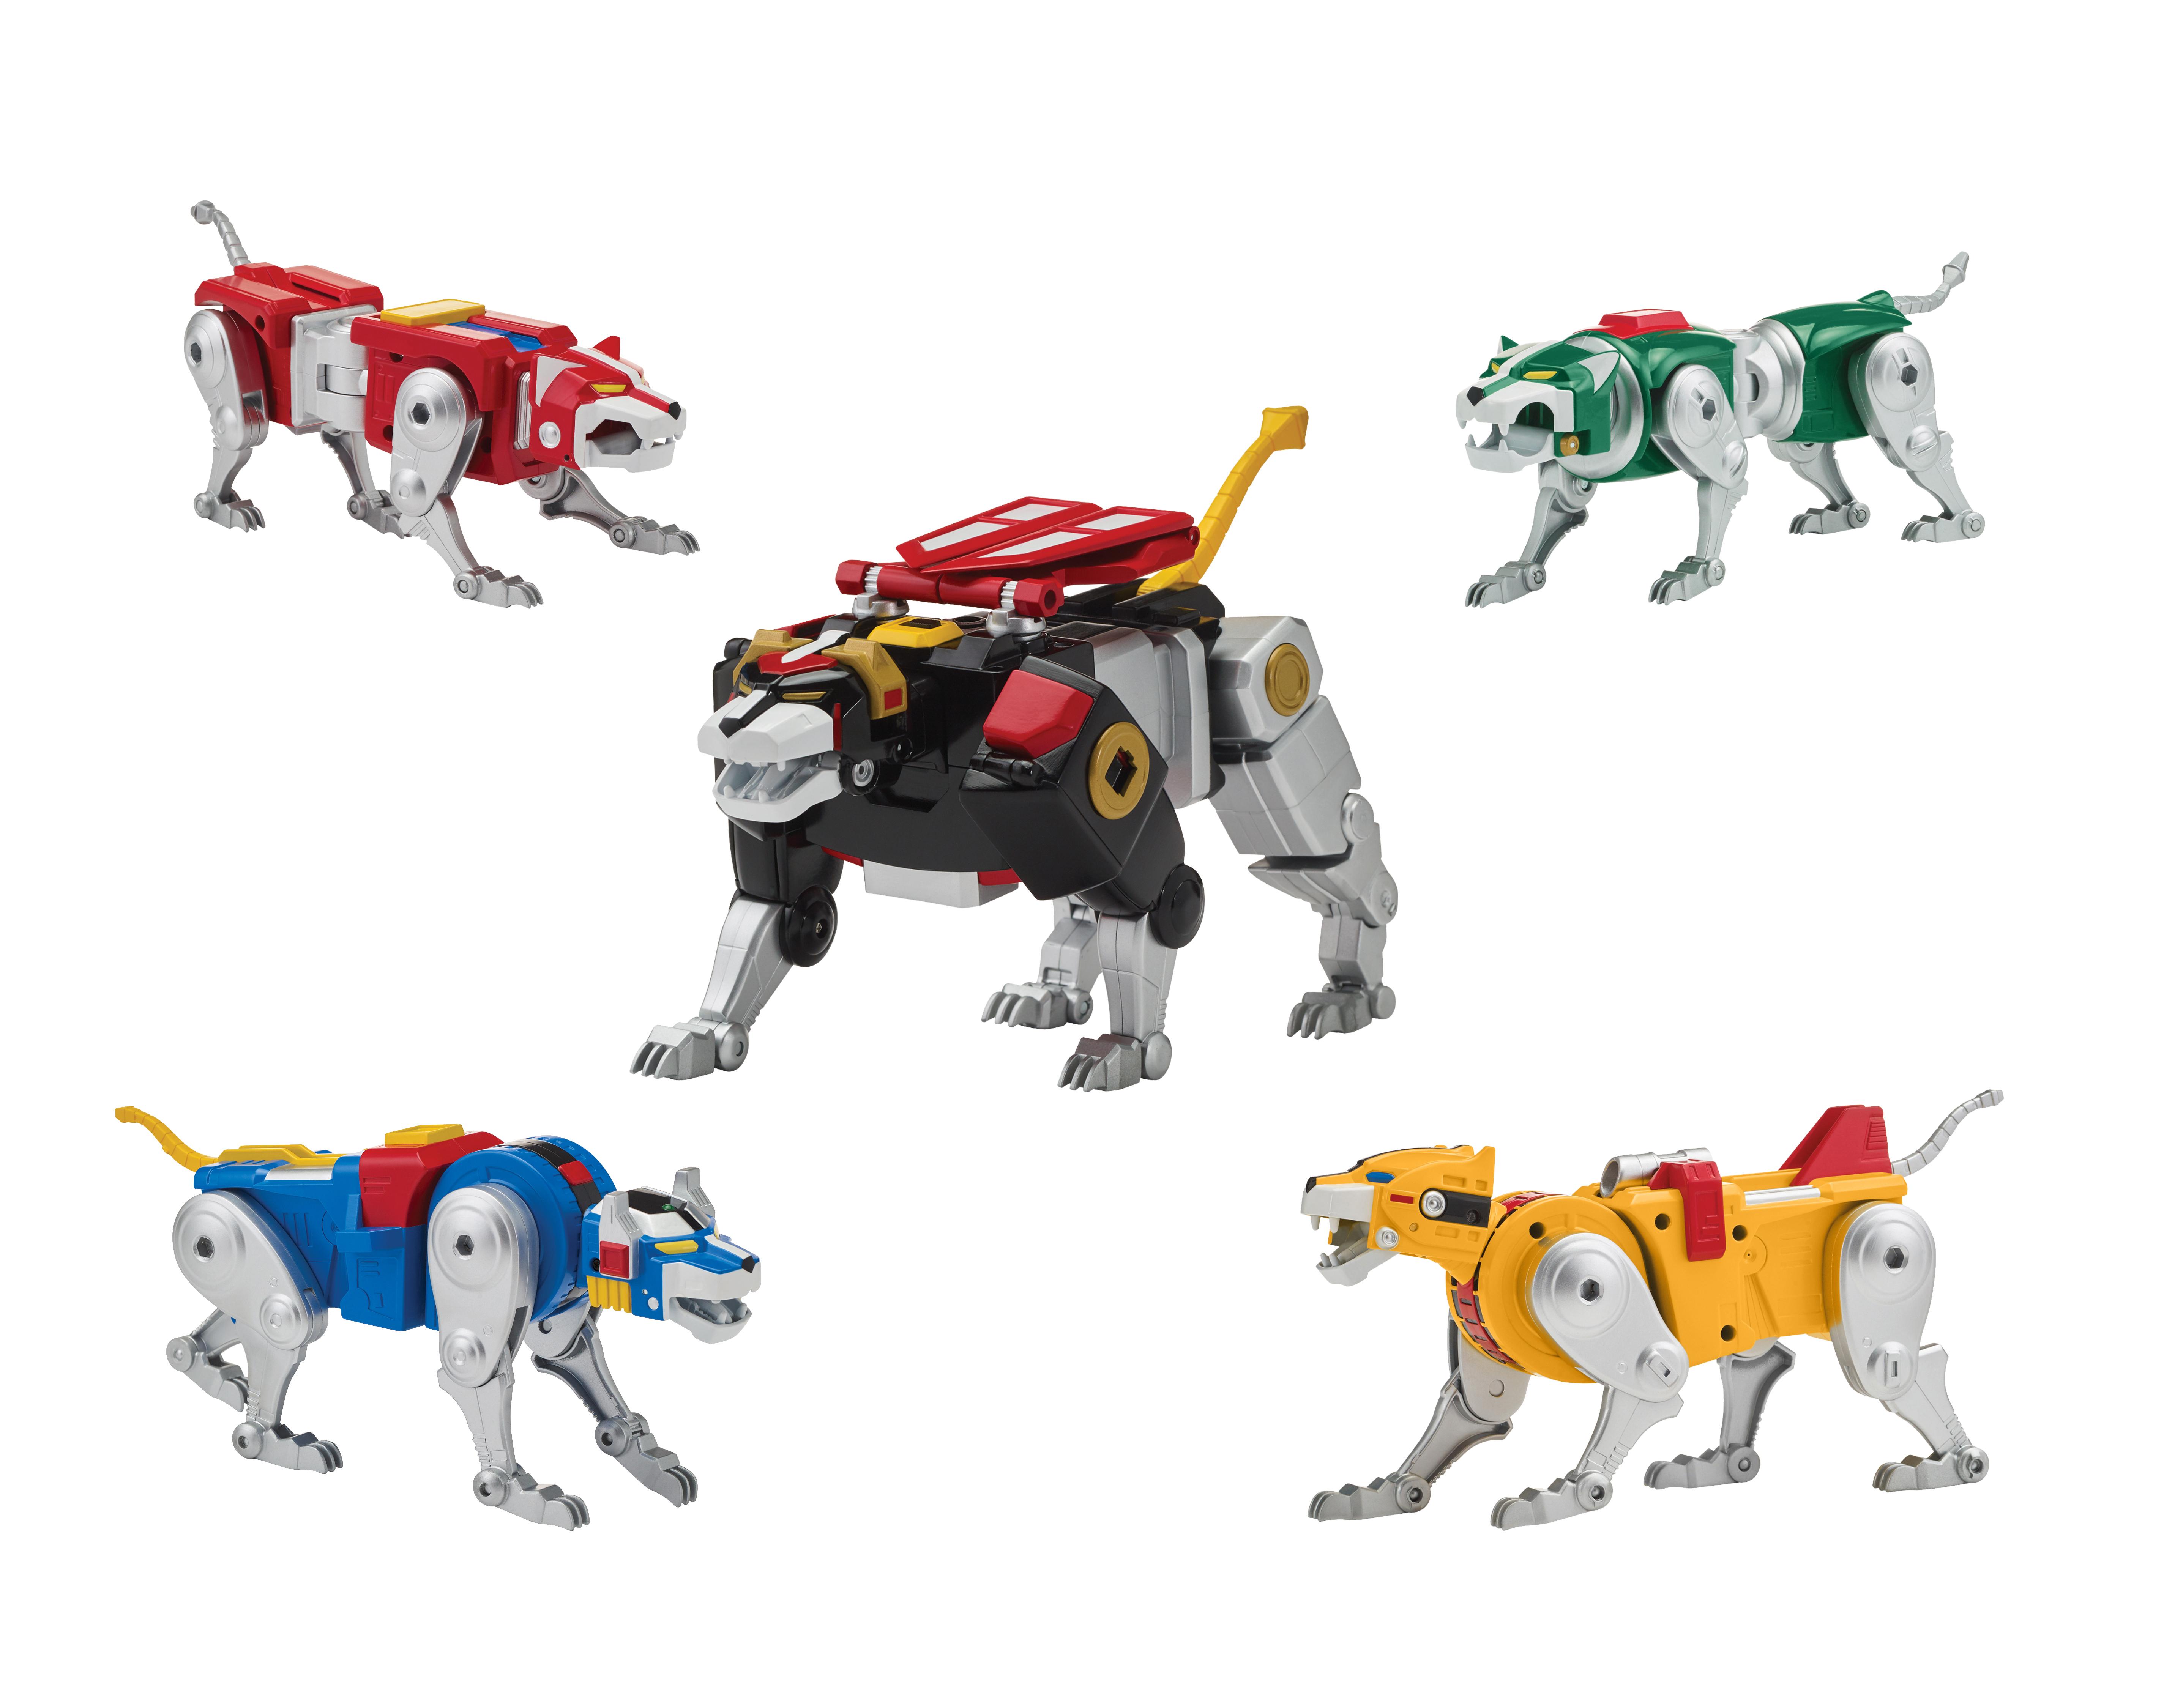 Voltron 84 Classic Legendary Lion Action Figure set of 5 Playmates